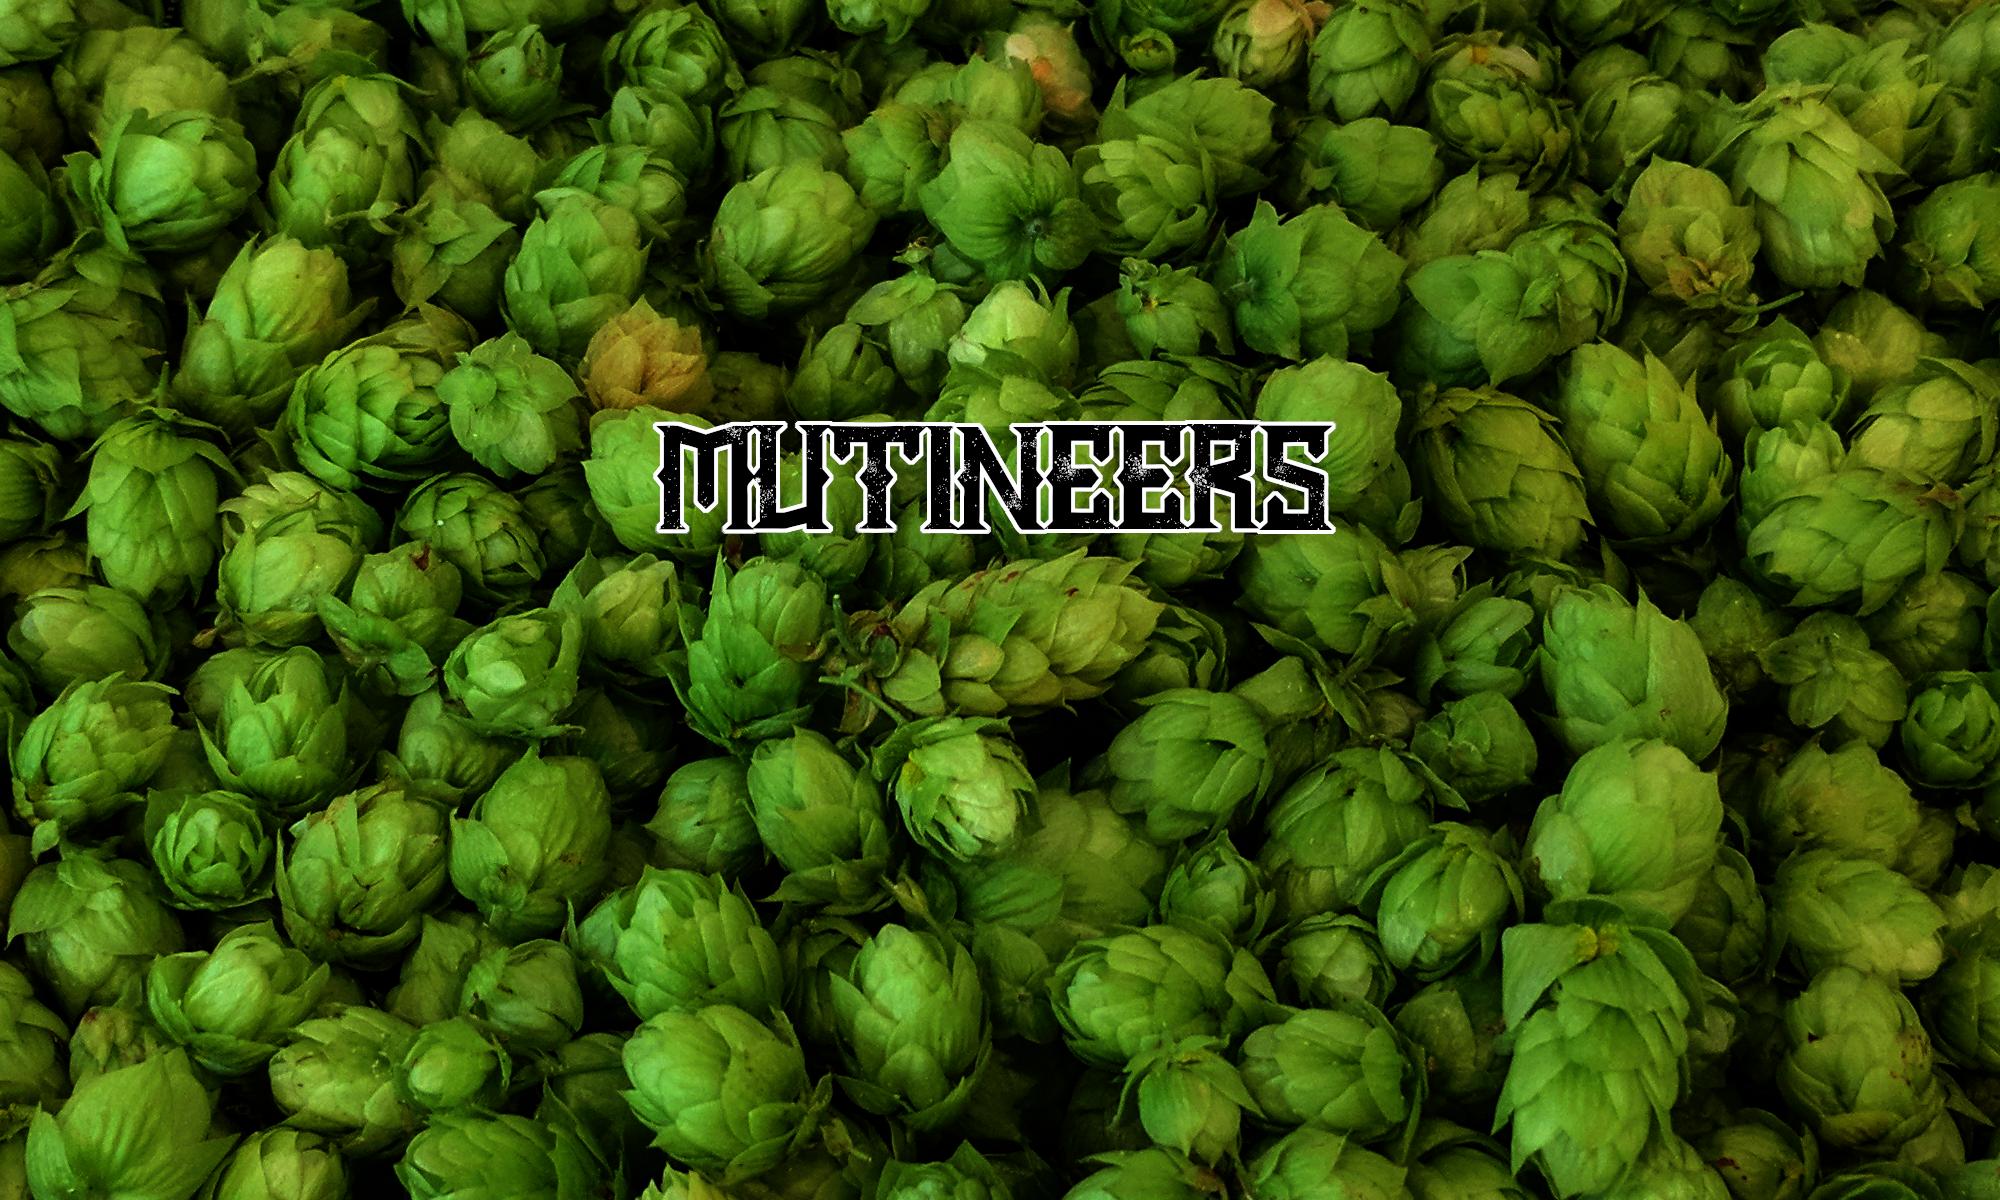 Mutineers Brewery